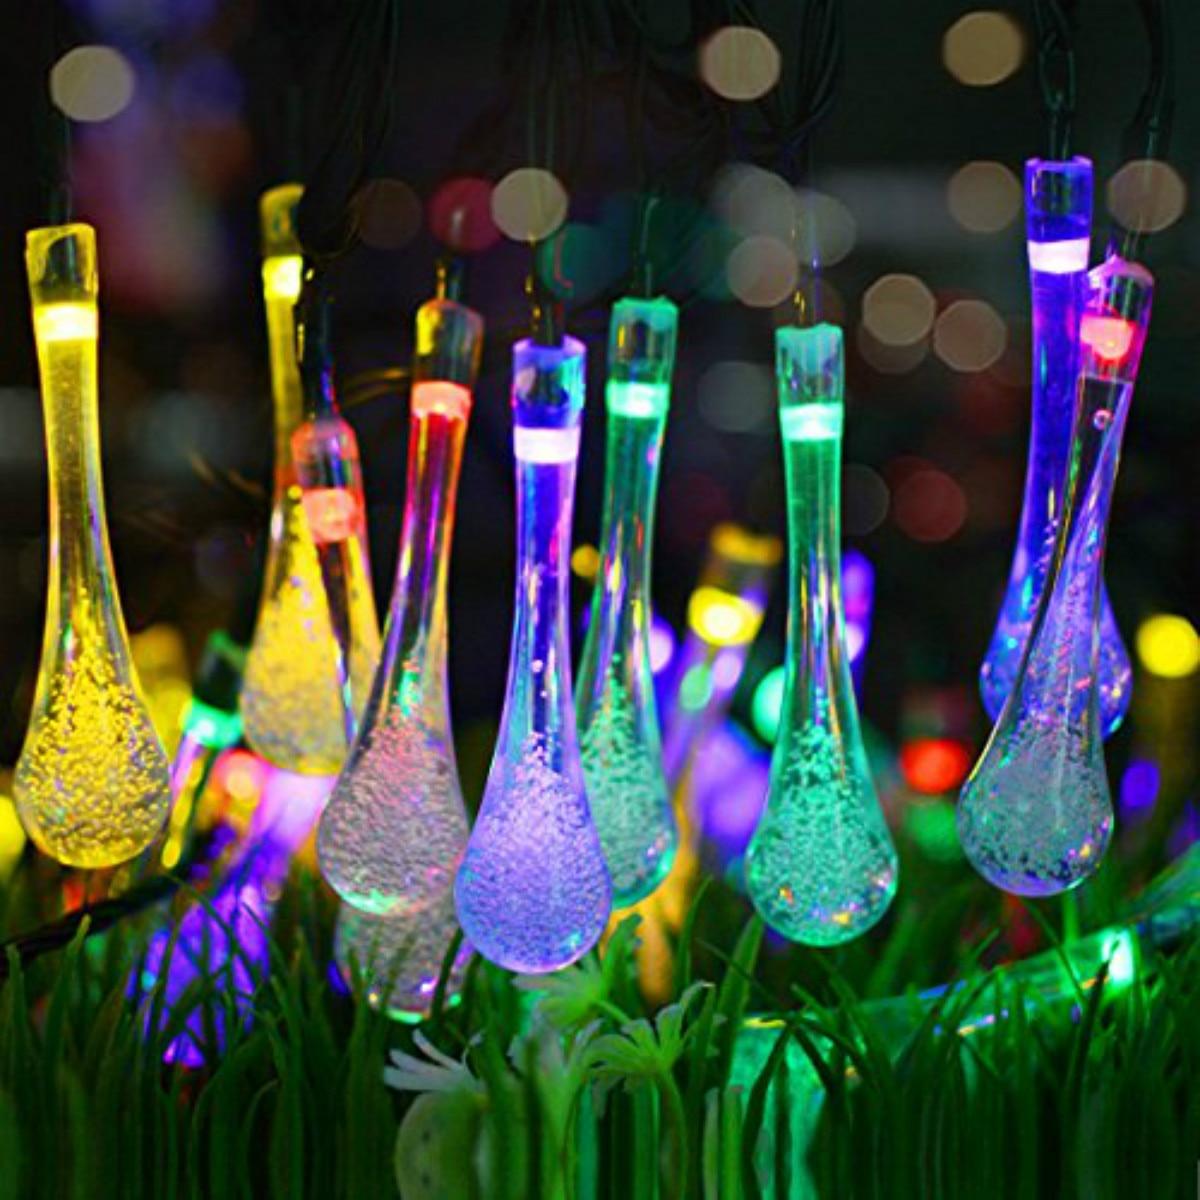 תאורה מחרוזות Solar String Lights 30 Leds Waterproof 8